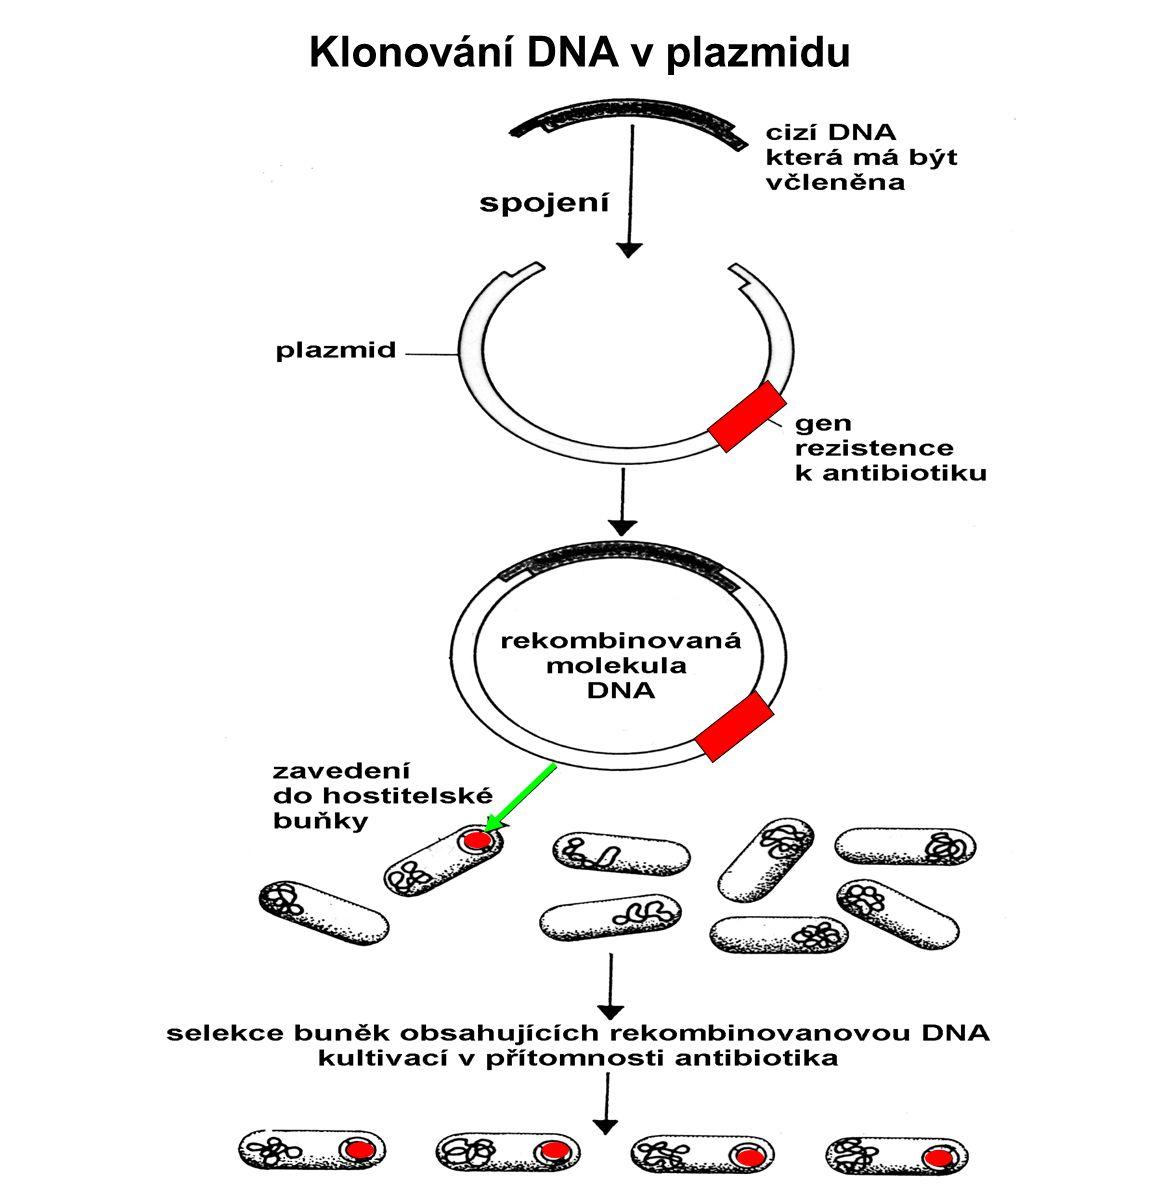 Klonování DNA v plazmidu